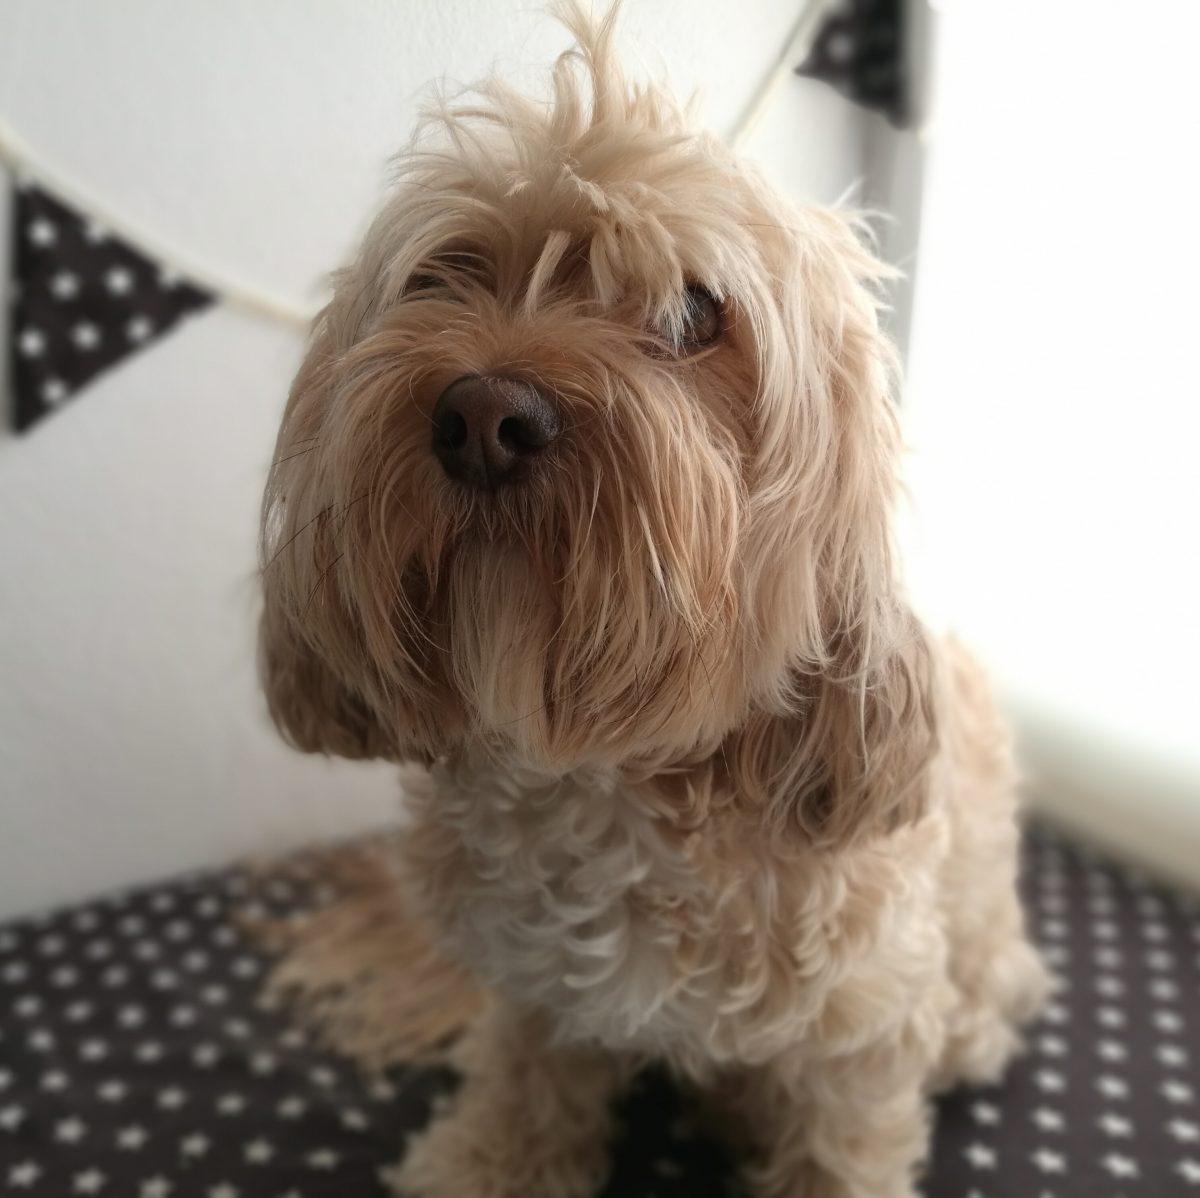 quitar nudos del pelo del perro